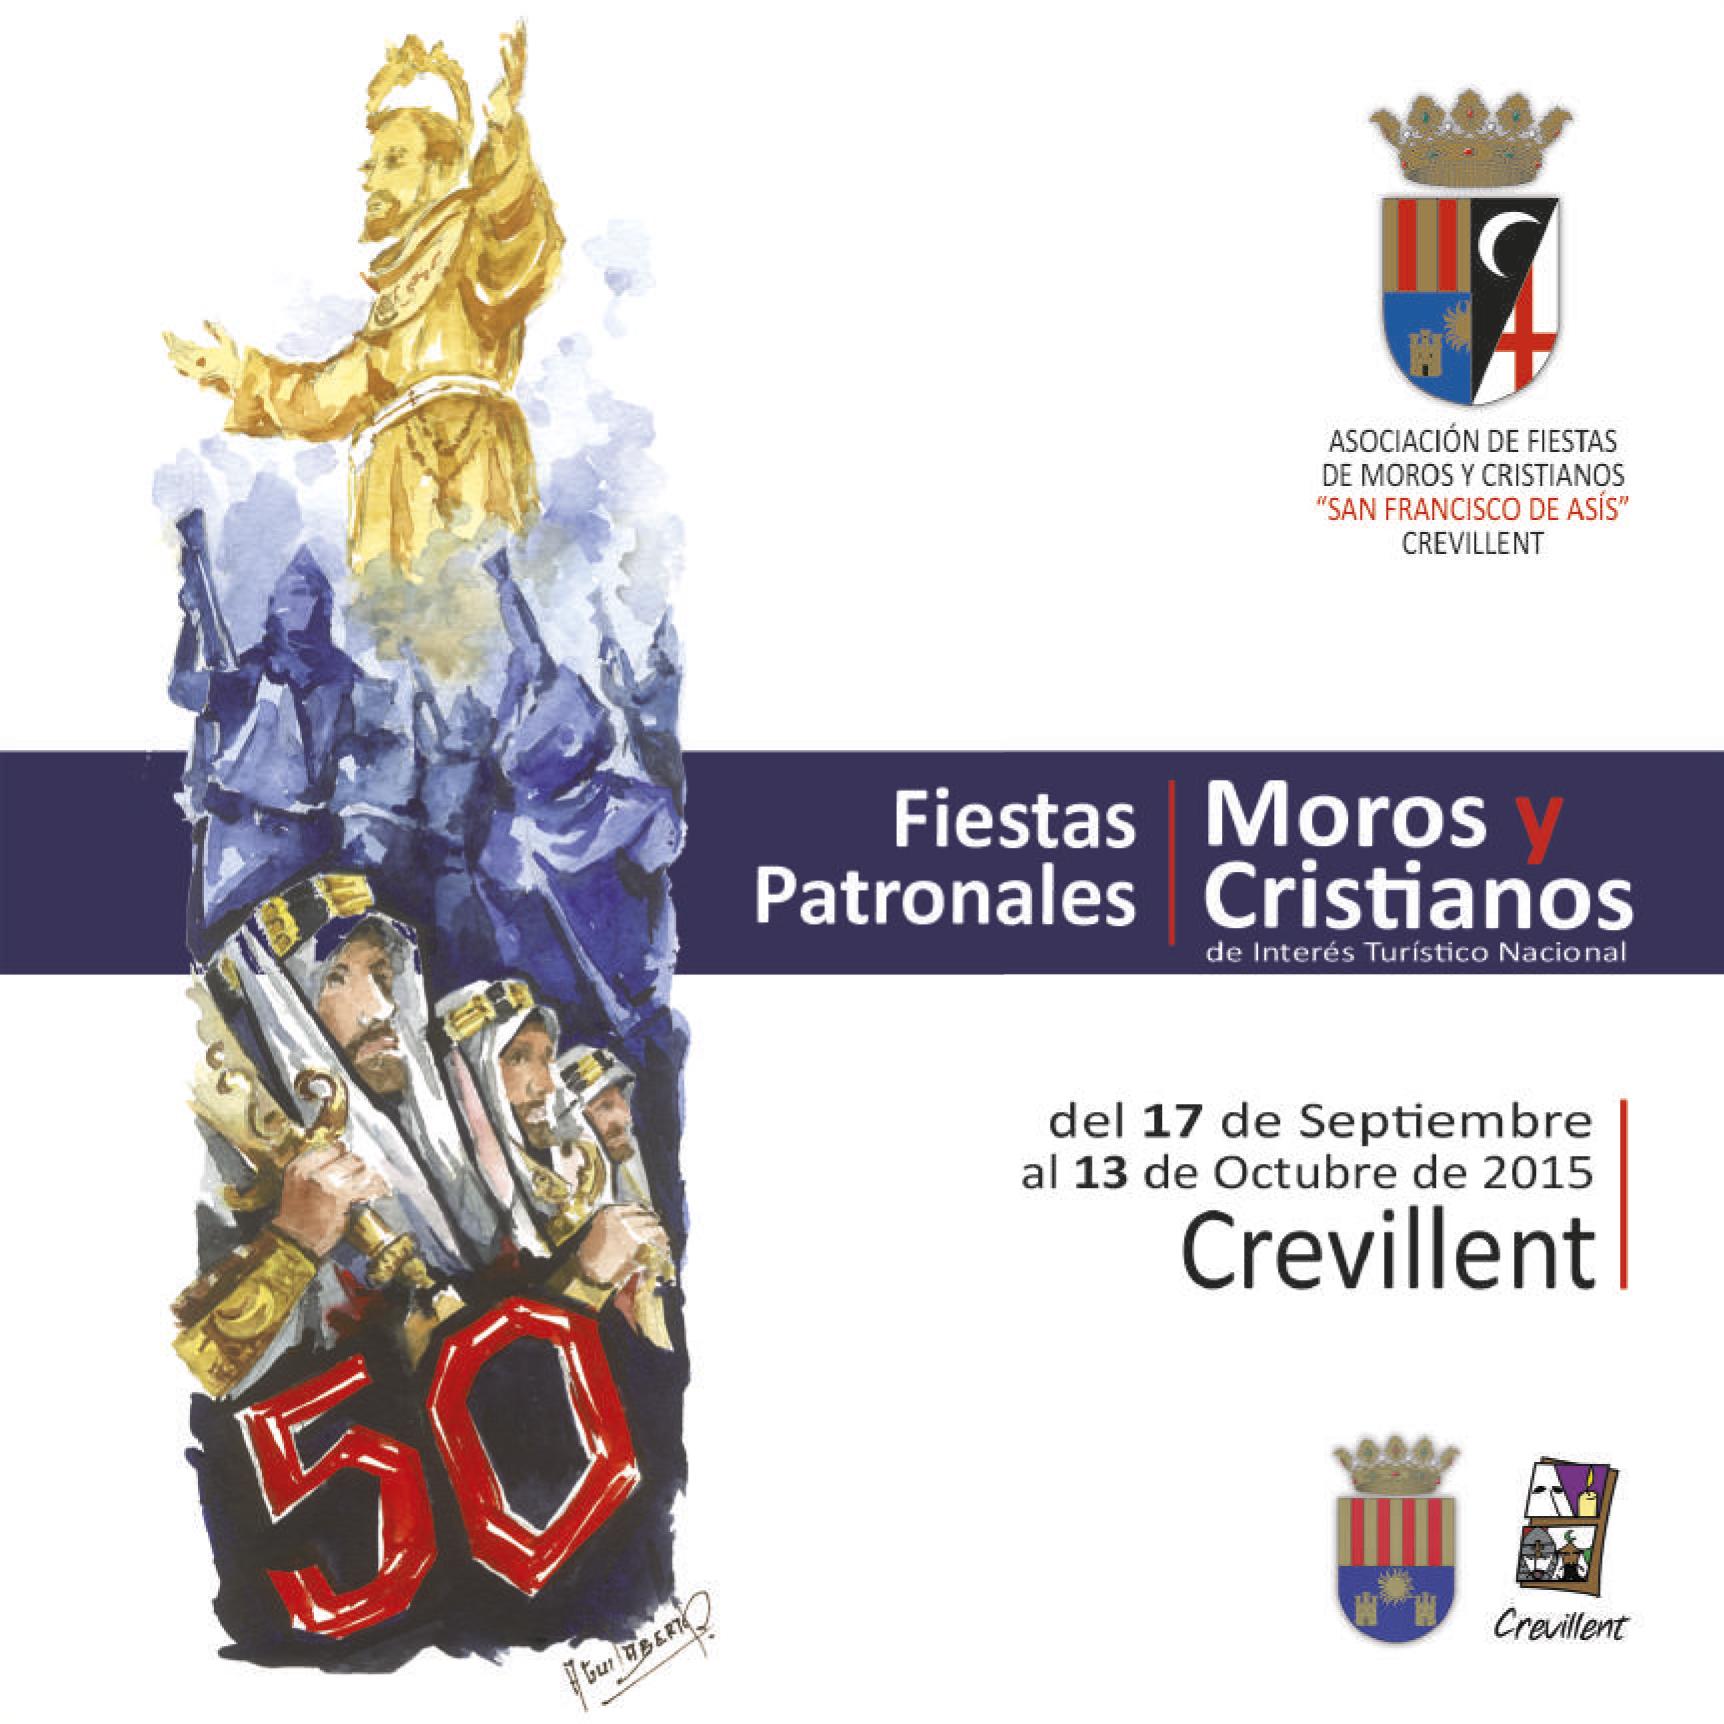 Fiestas Crevillent 2015